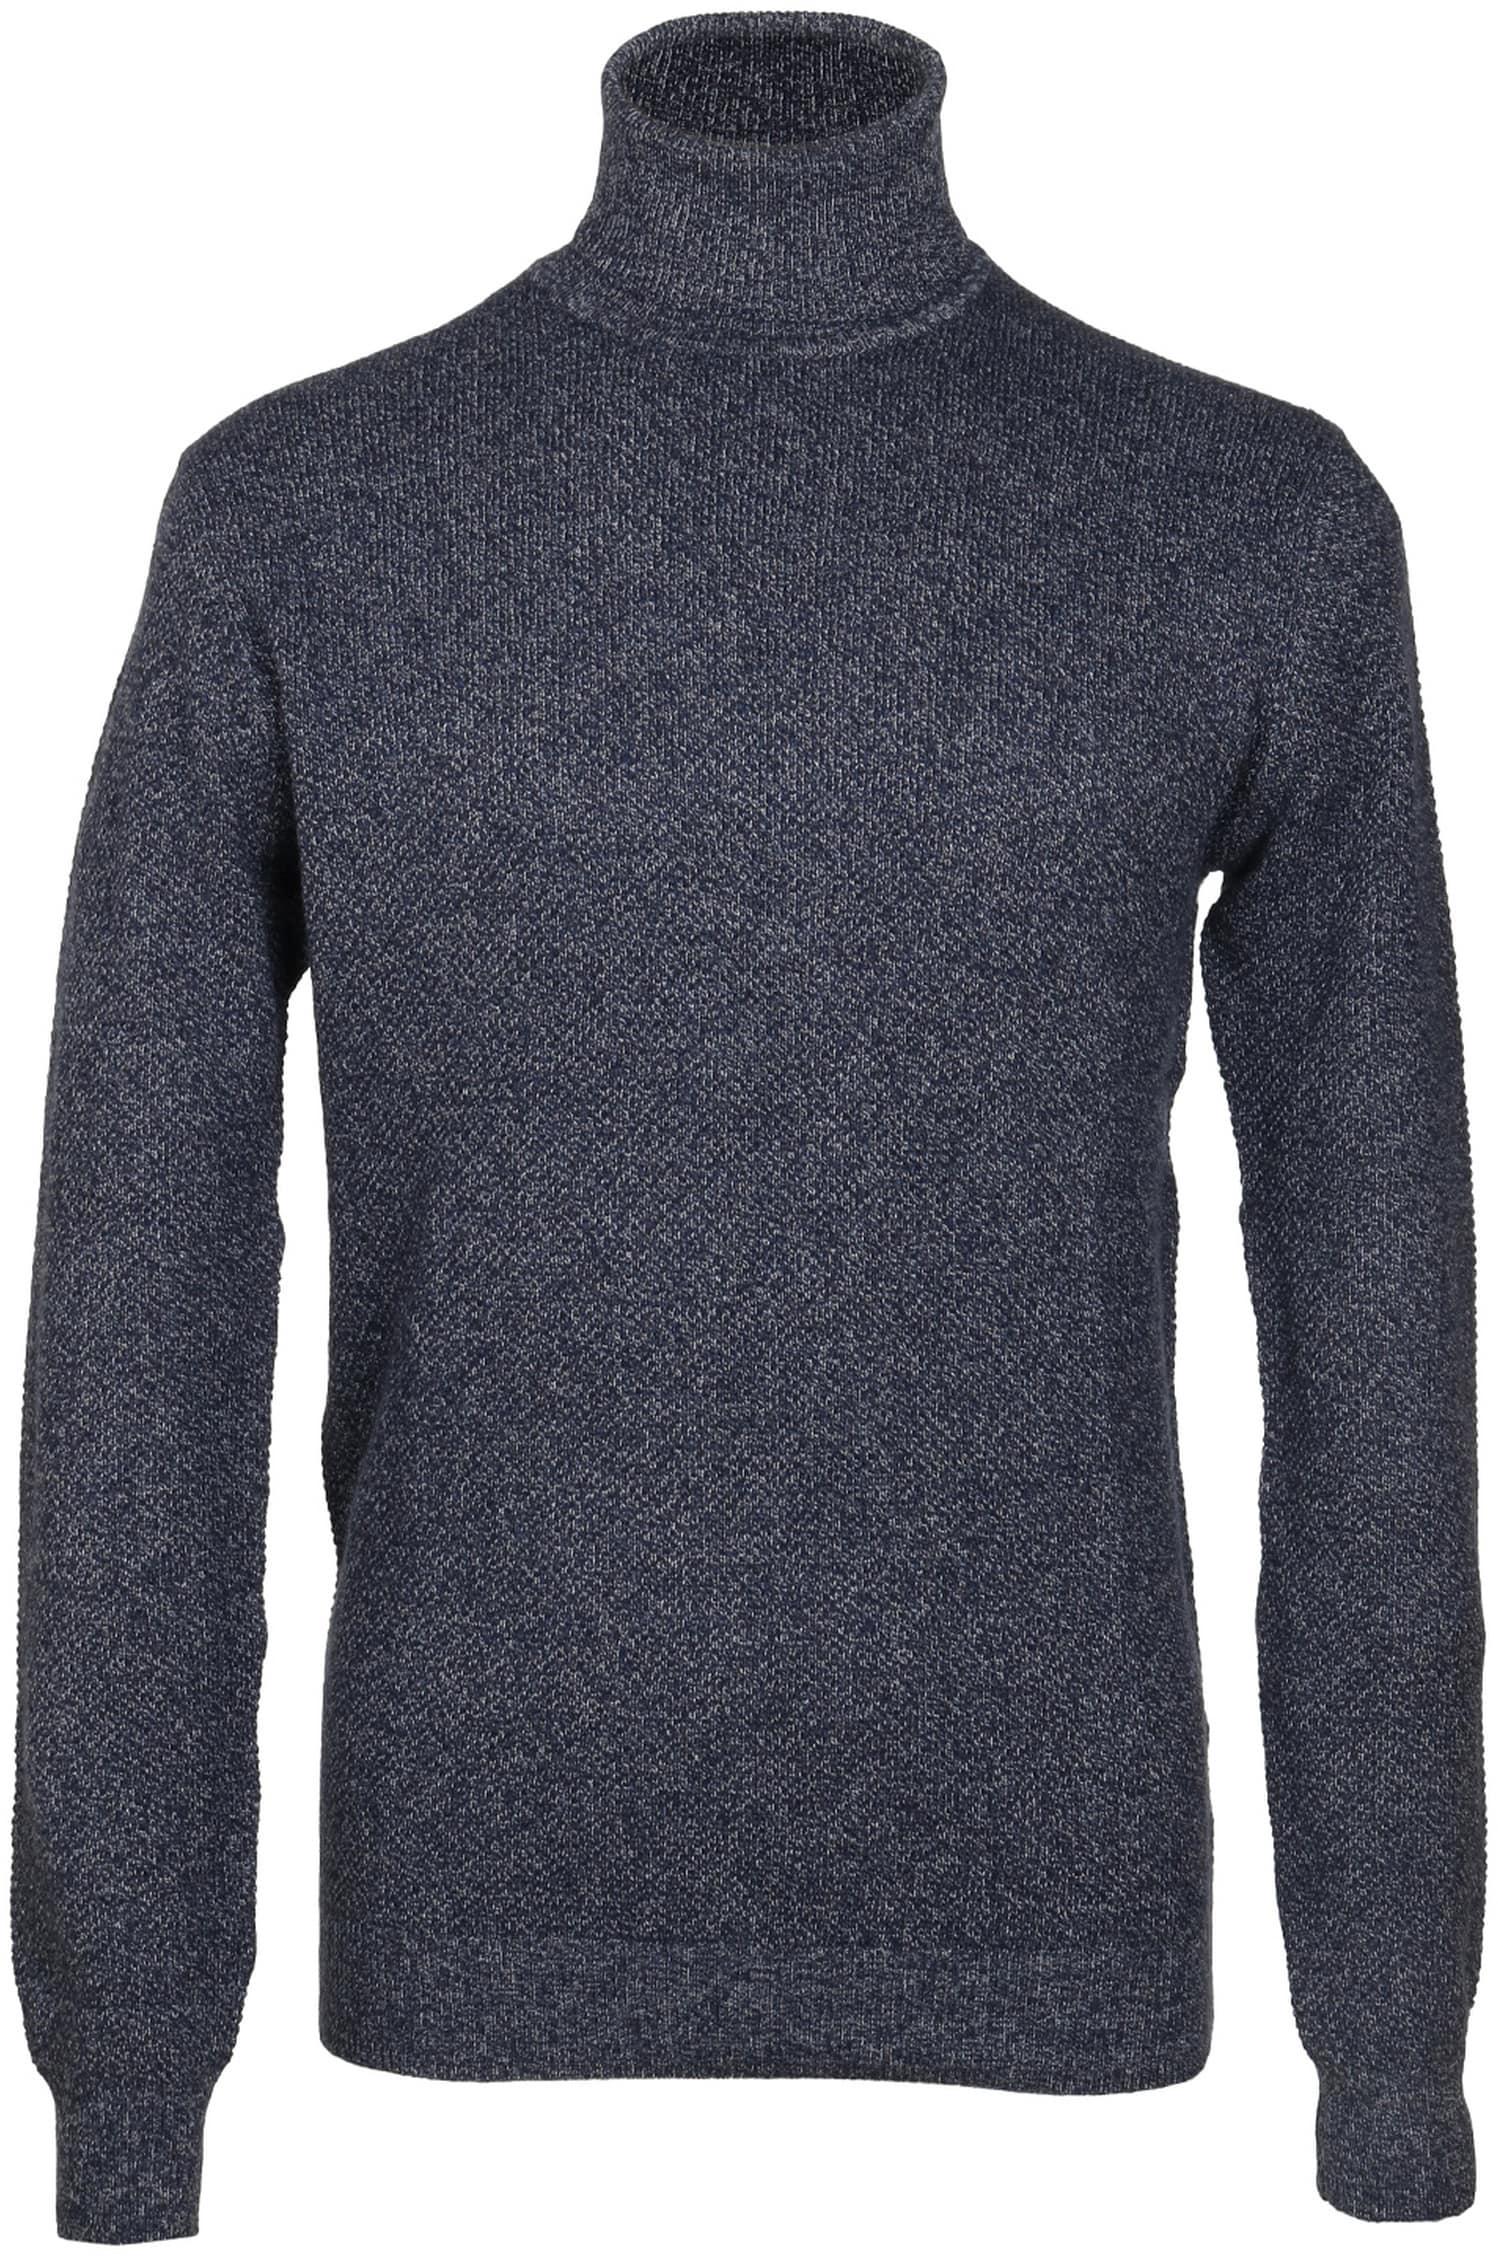 Suitable Rollkragenpullover Baumwolle Blau foto 0